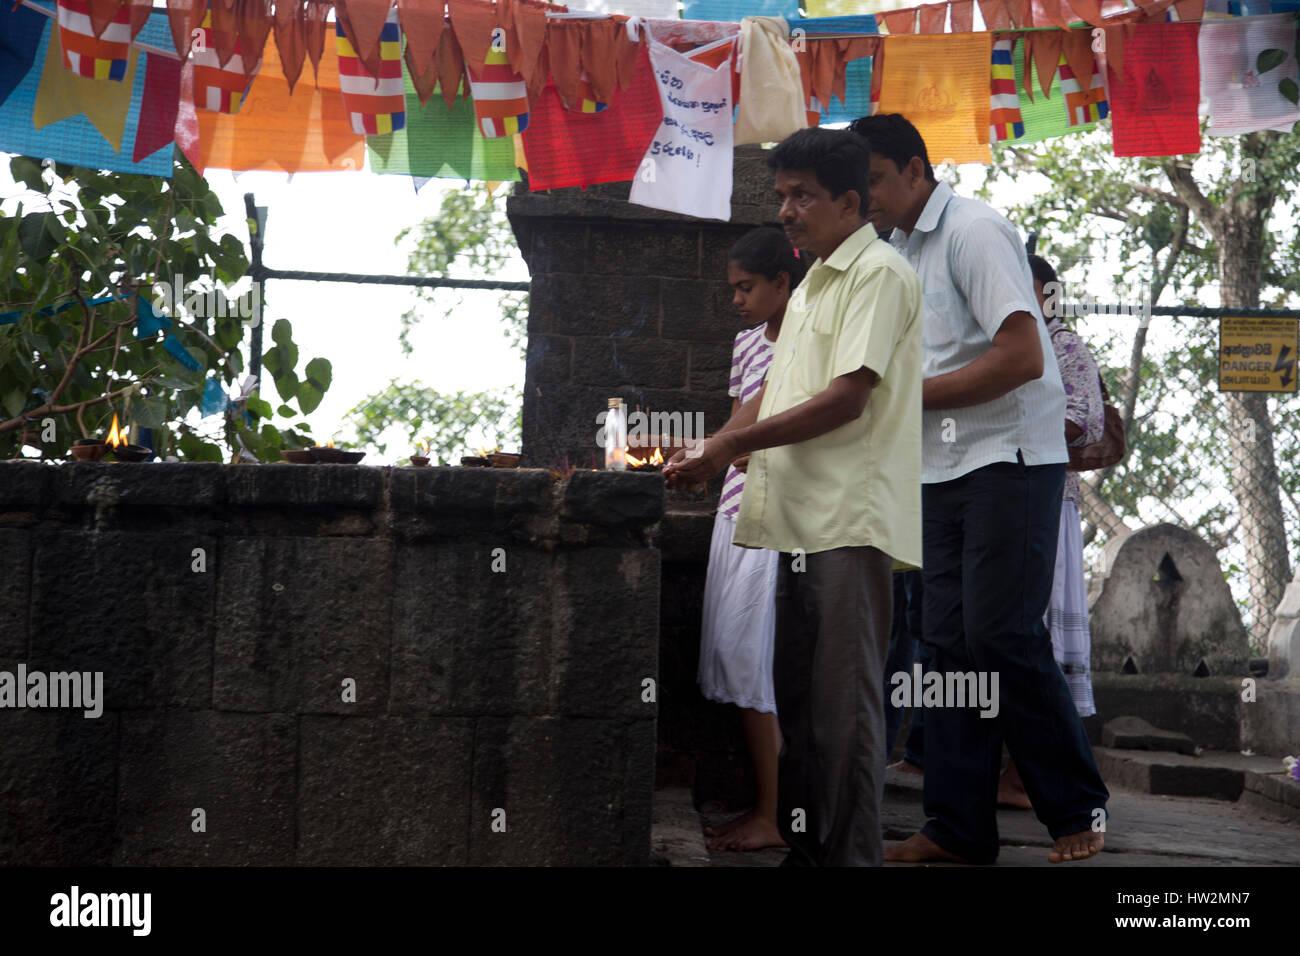 Dambulla Sri Lanka Personnes Beurre d'éclairage par lampes Arbre Bo Photo Stock